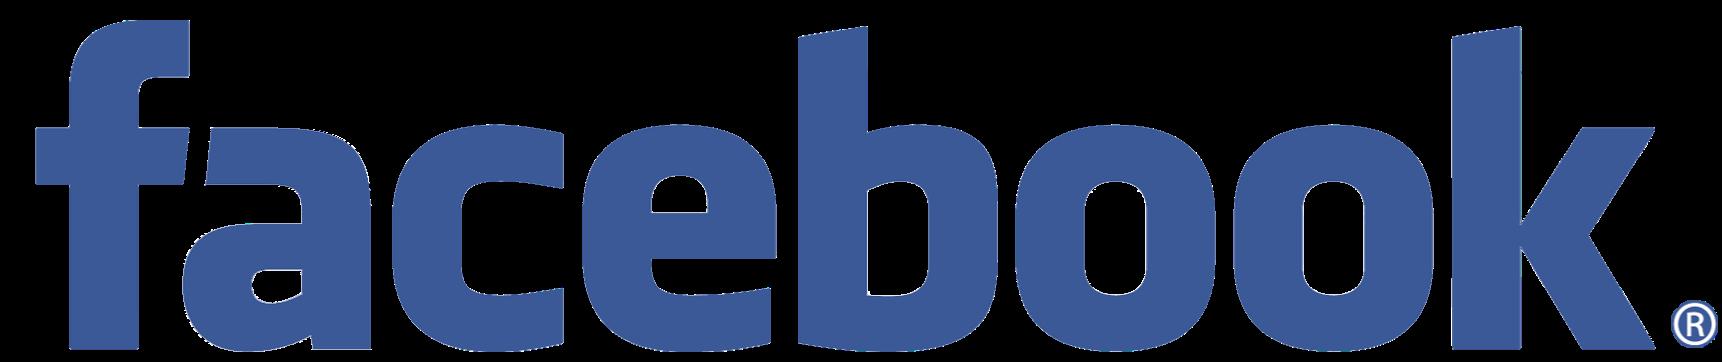 fasbook